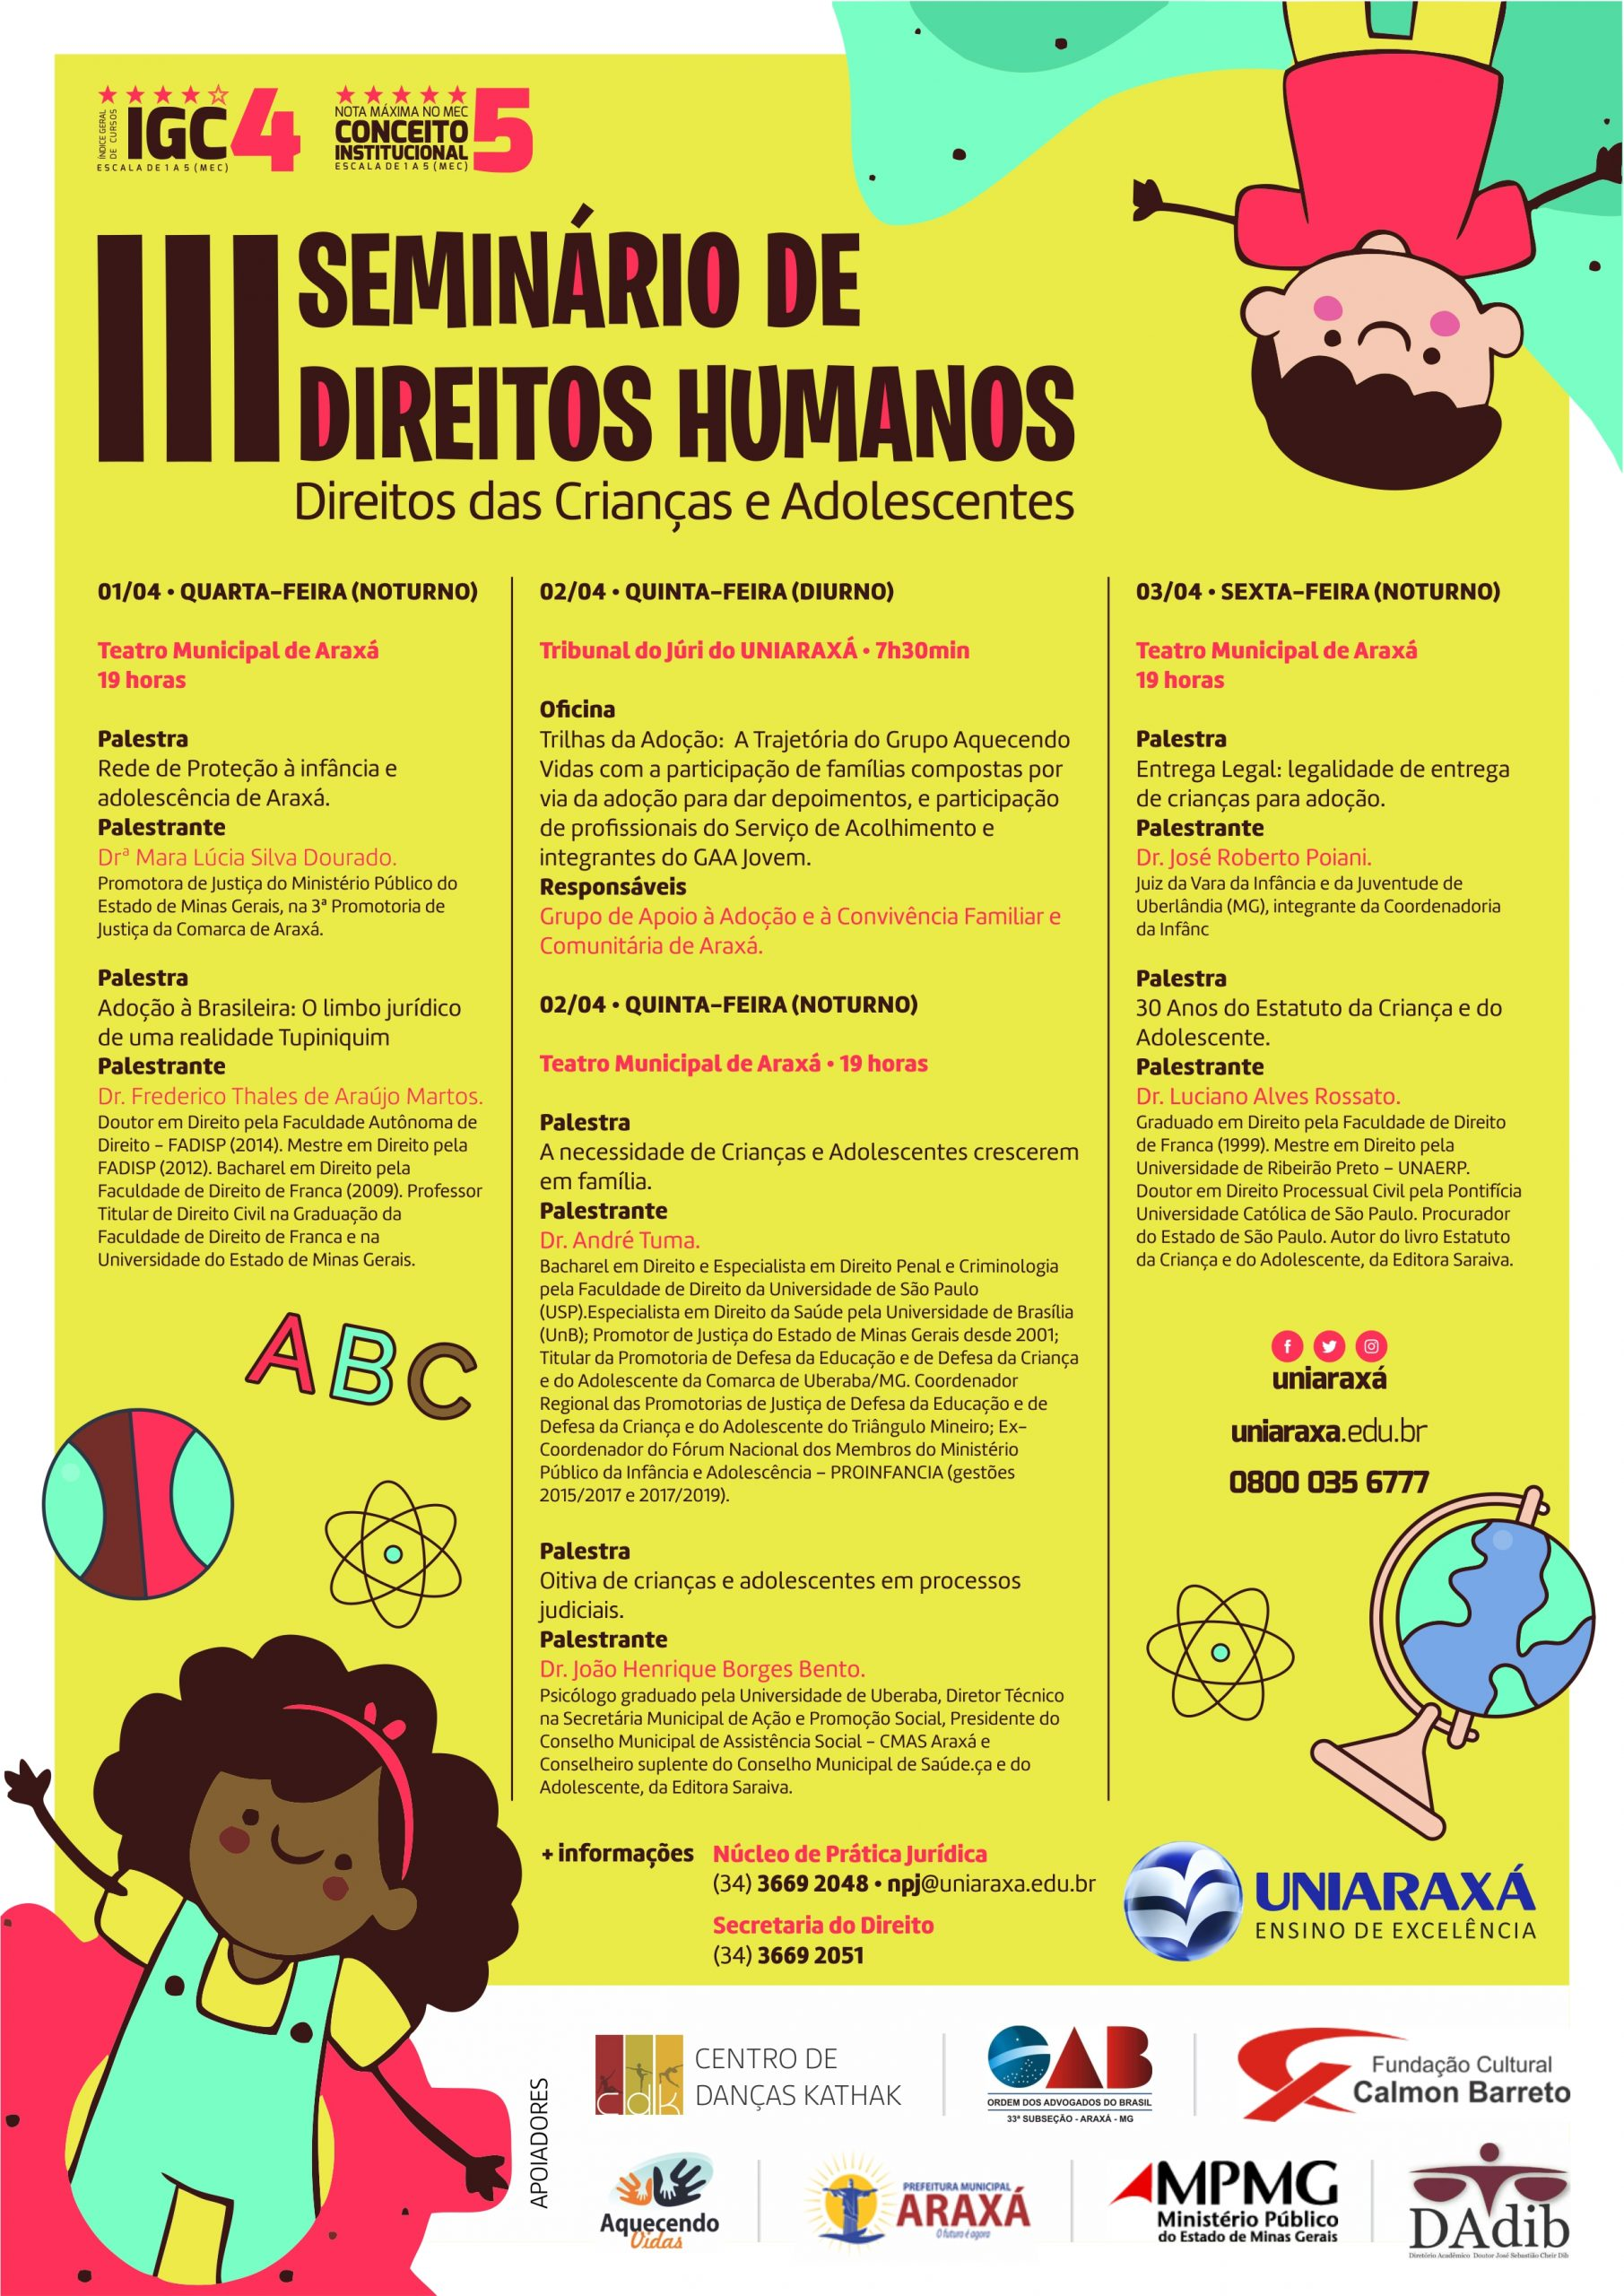 III Seminário de Direitos Humanos: Direito das Crianças e dos Adolescentes